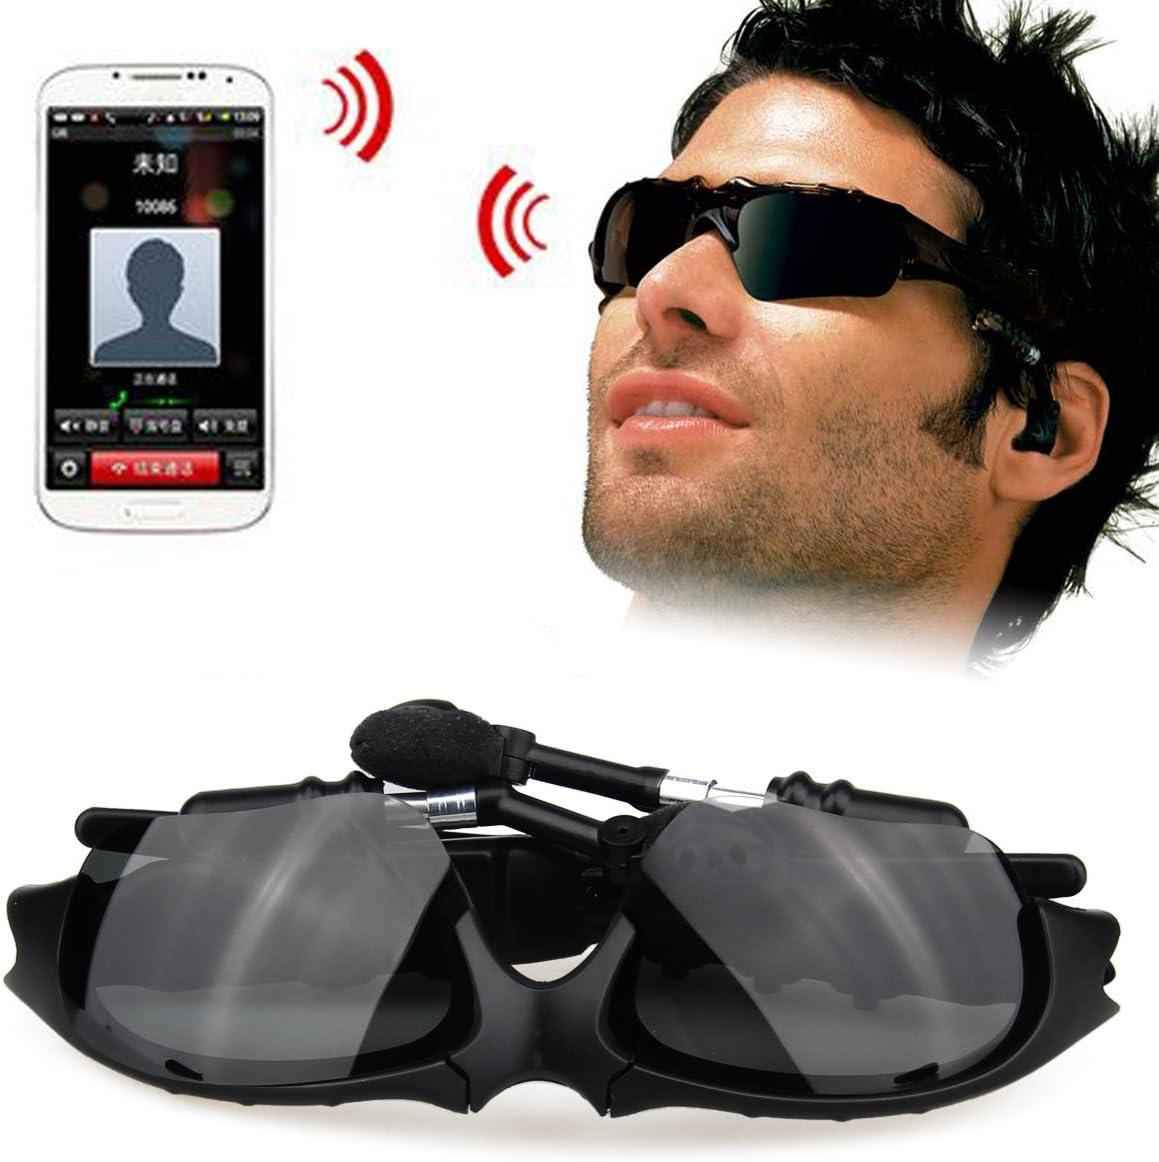 Gafas de sol Universal Bluetooth Headset SOONHUA llamada manos libres lentes polarizadas Gafas Auricular para HTC uno M8, Google Nexus6, SamsungGalaxy S3S4S5S6, MOTO Droid Turbo